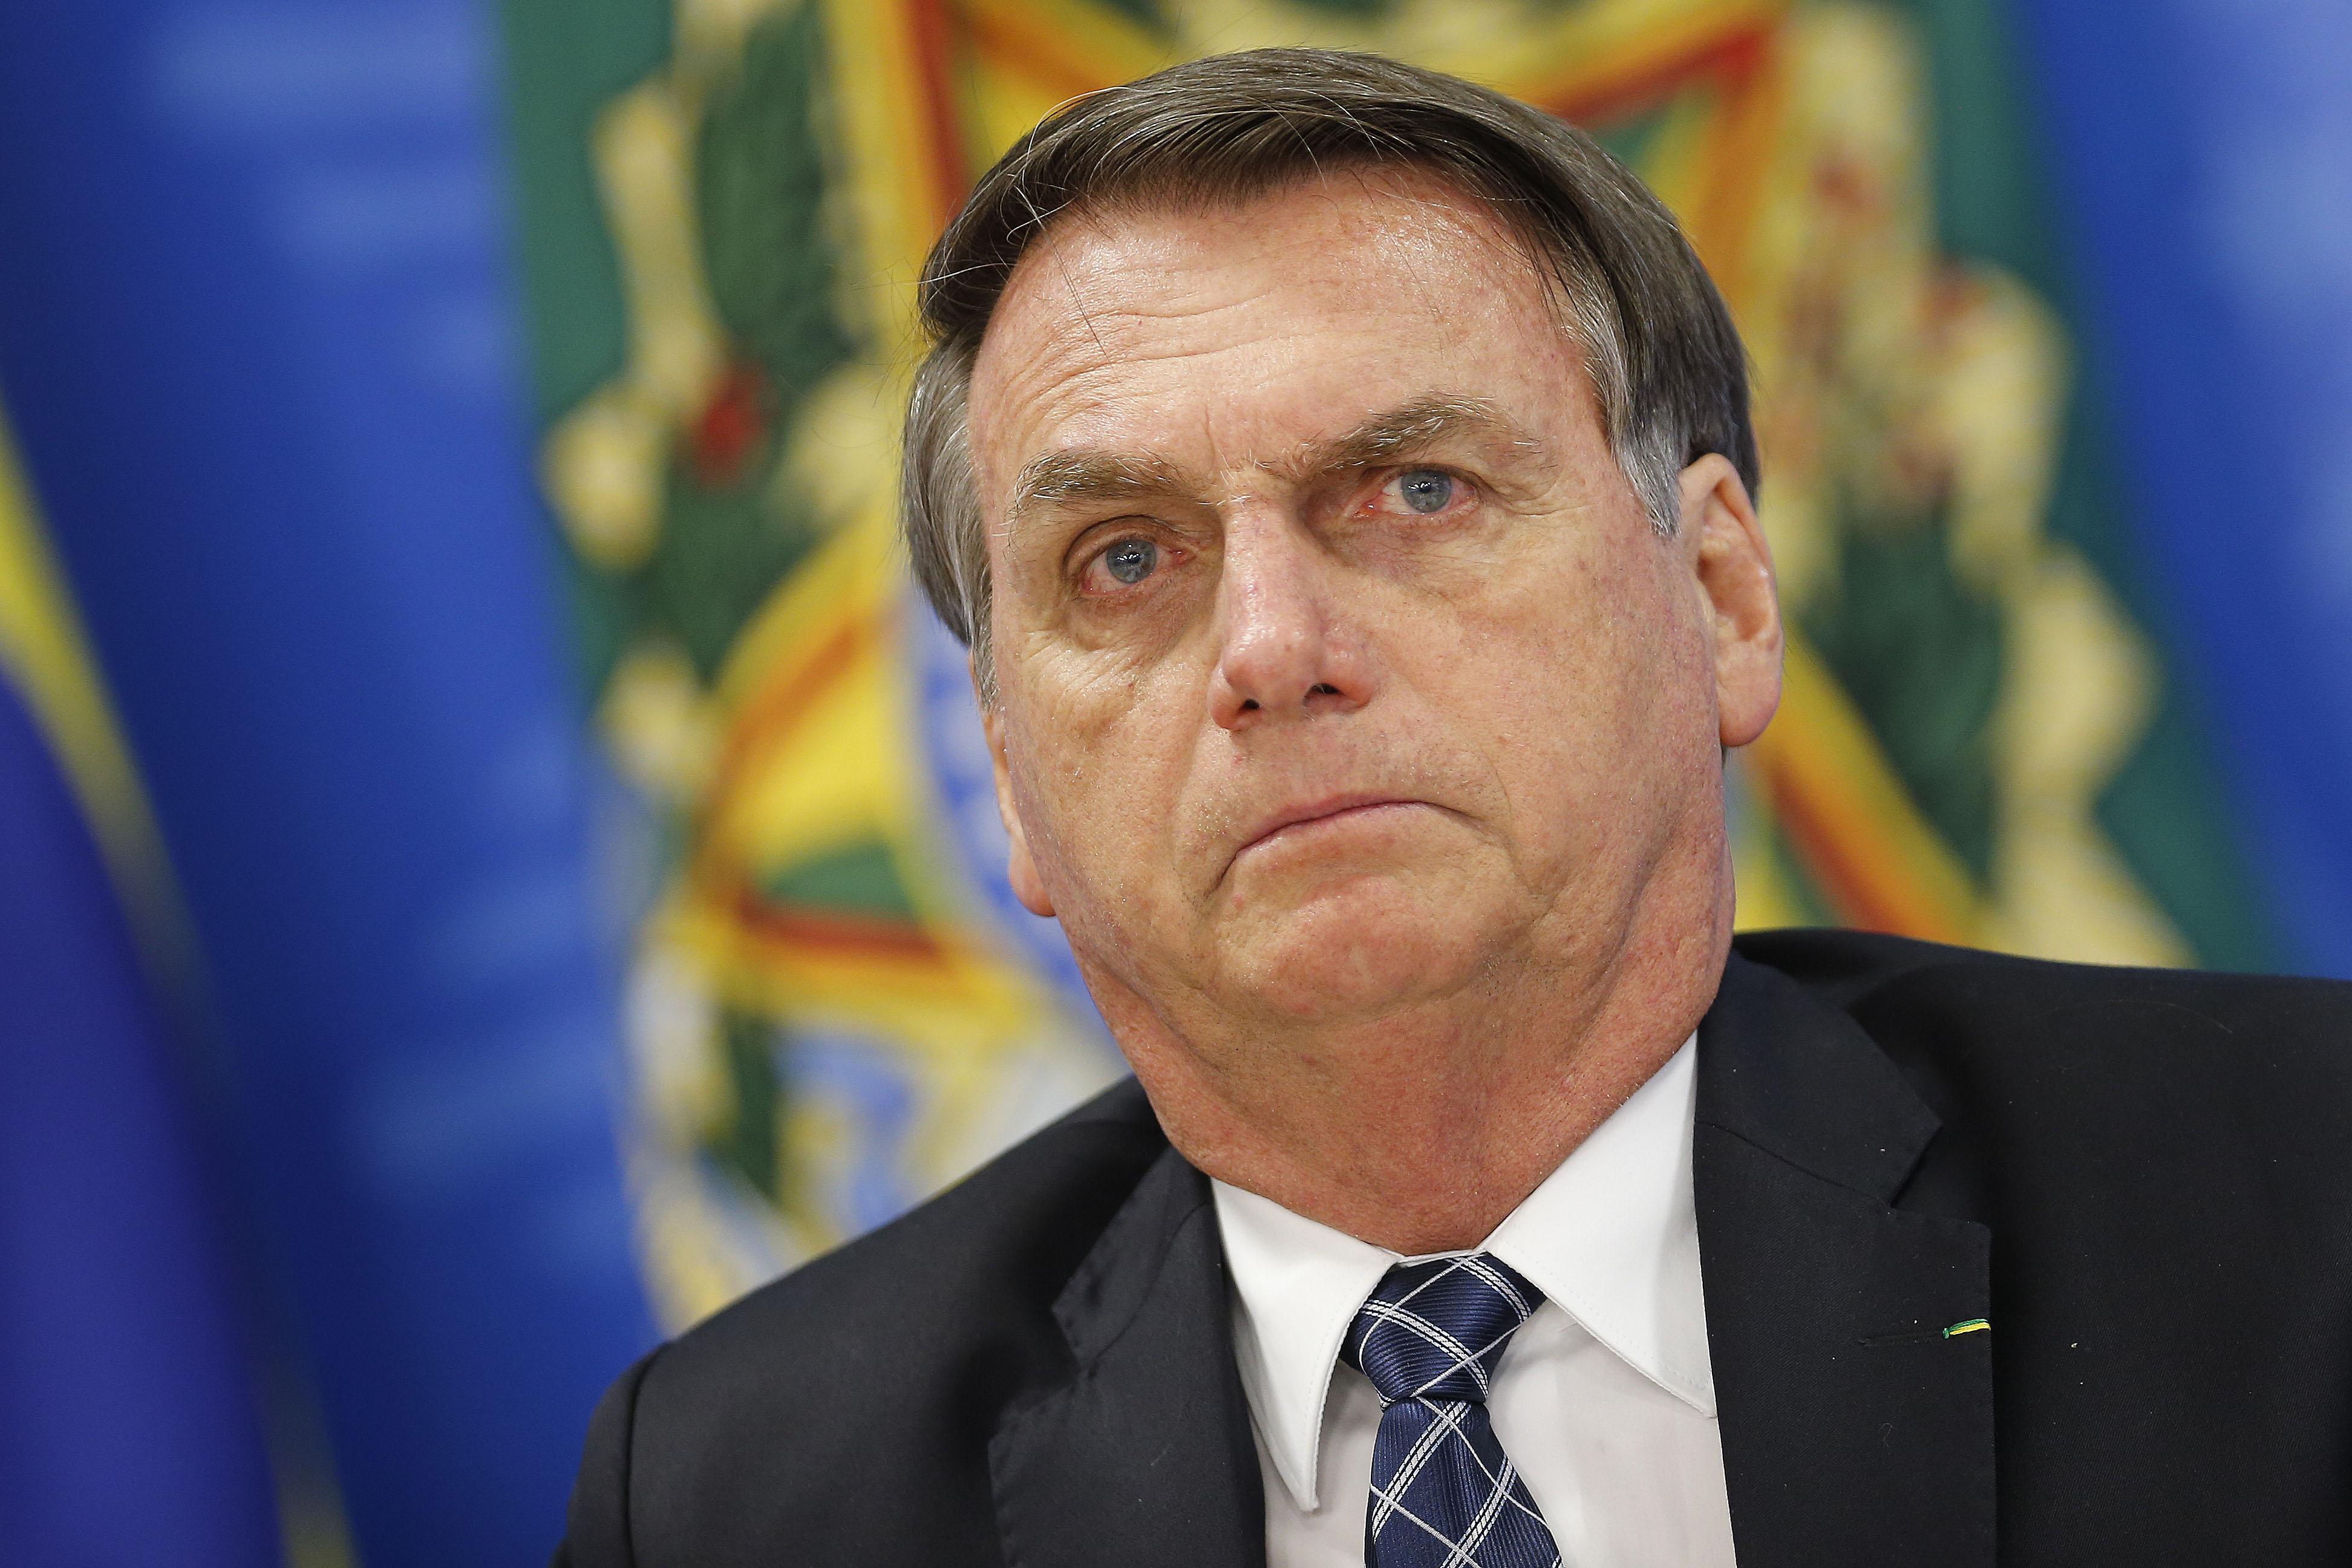 IMAGEM: Bolsonaro sugere 'fazer cocô dia sim, dia não' para ajudar ambiente